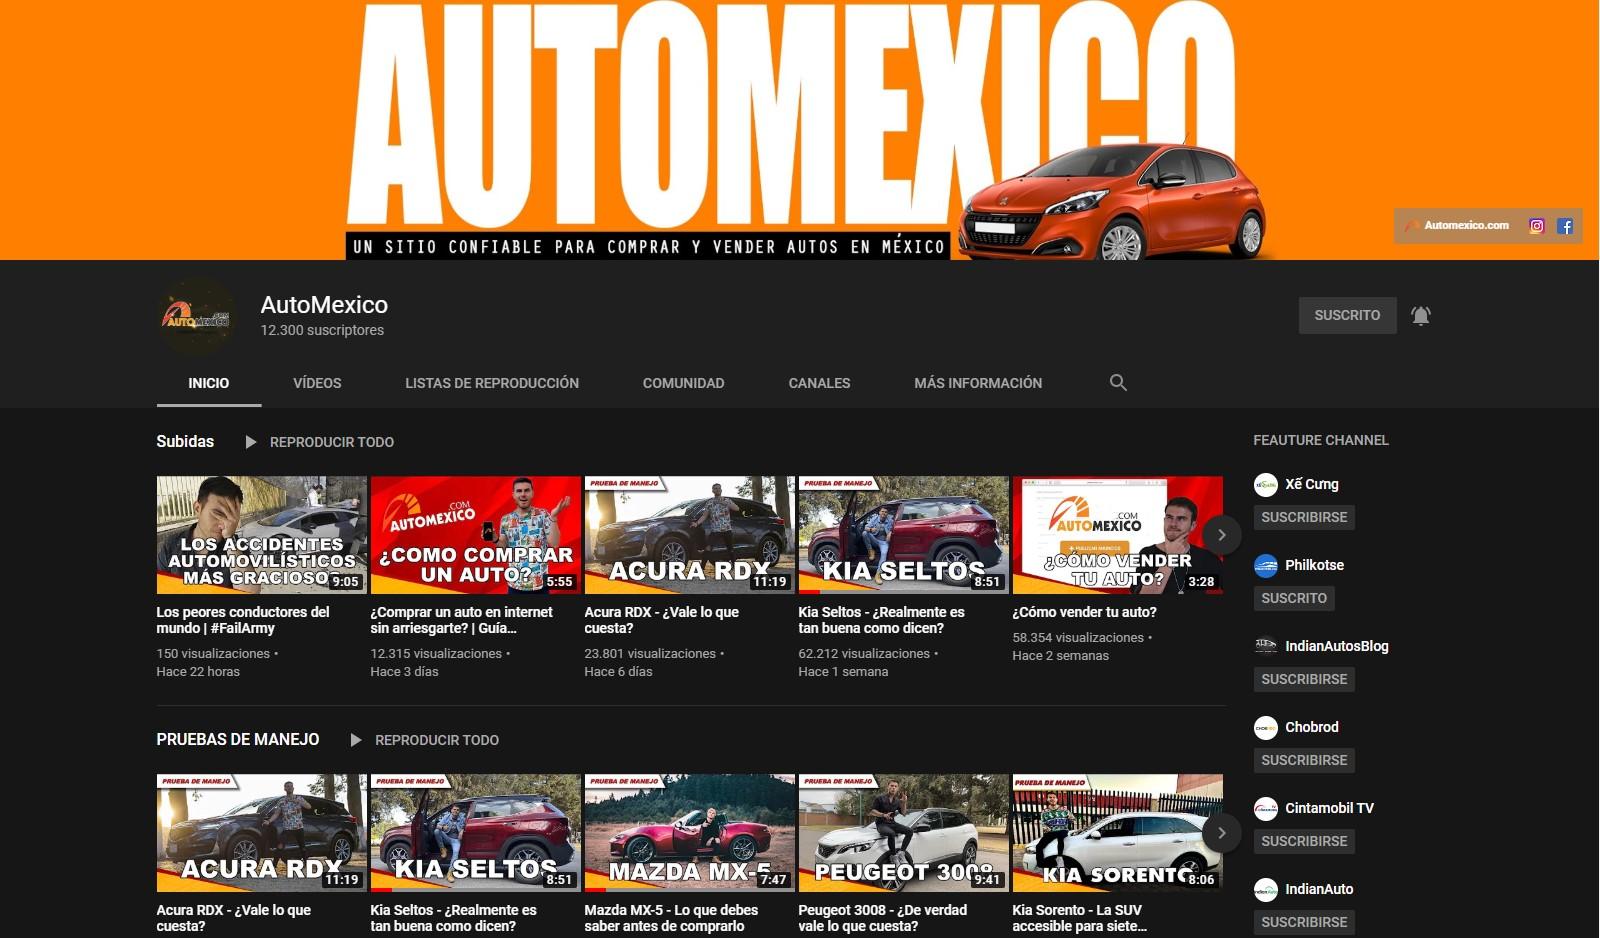 El canal de Youtube de Automexico.com